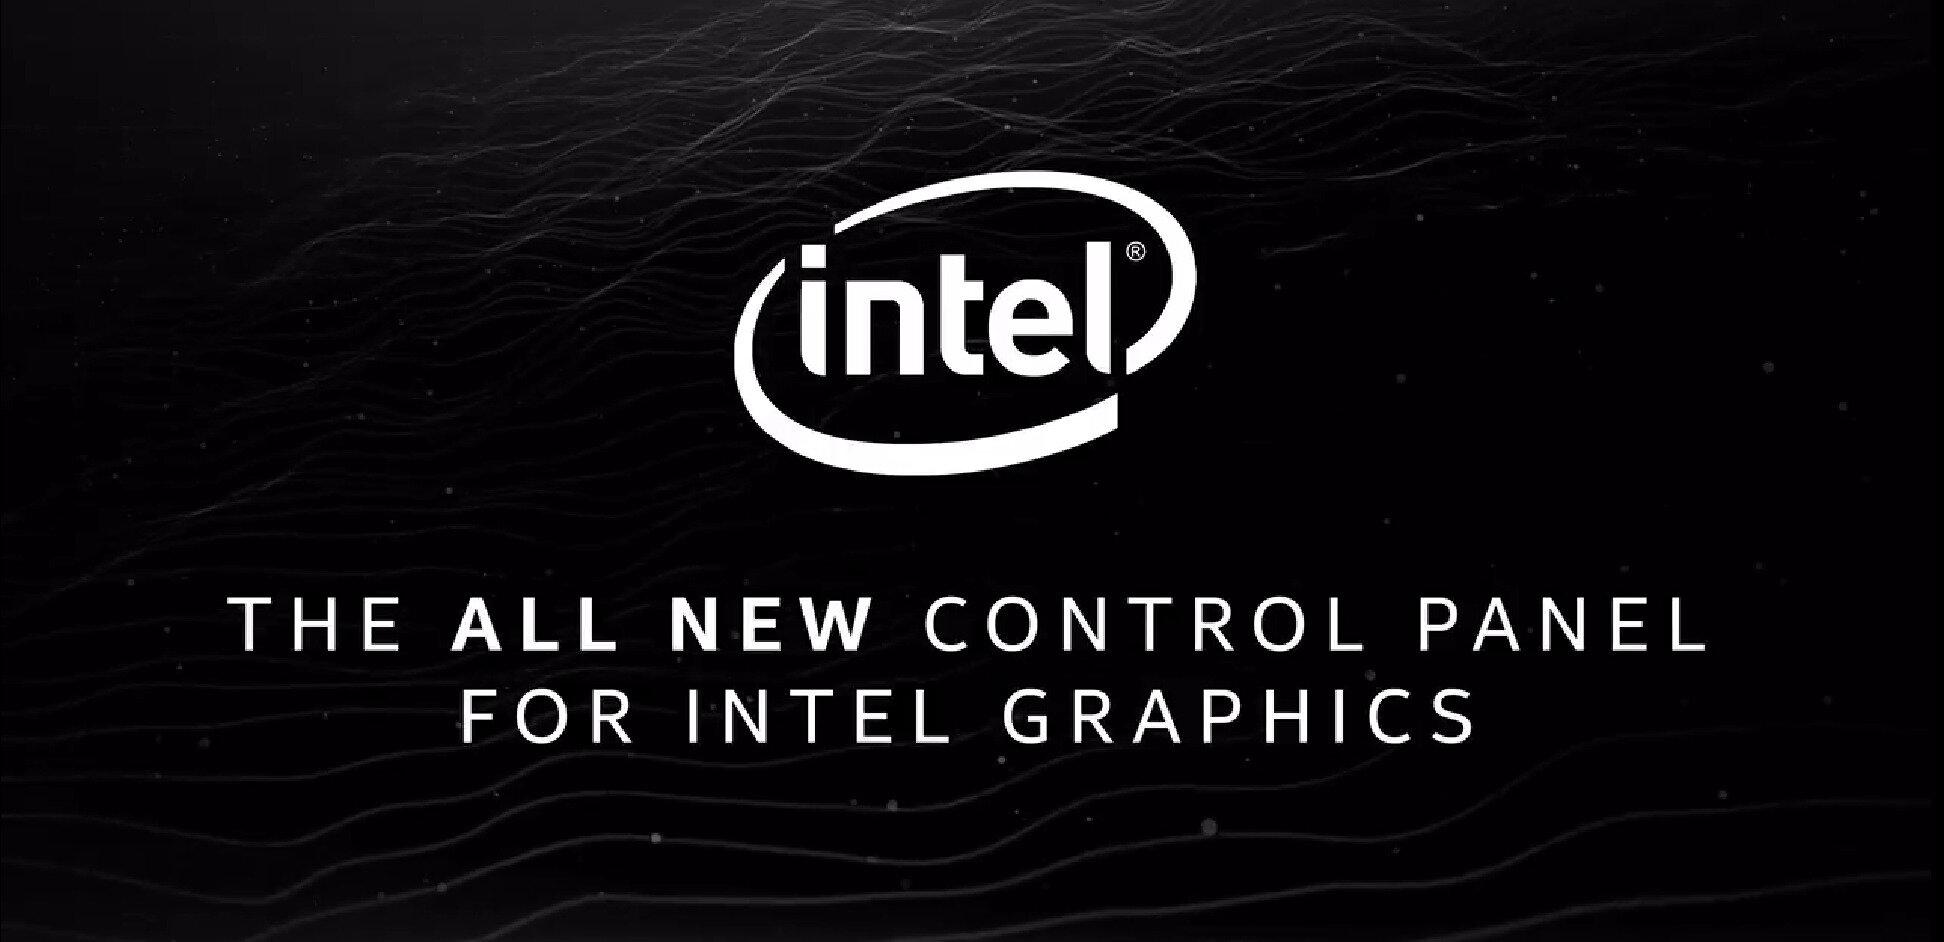 Intel publie de nouveaux pilotes graphiques et annonce une interface repensée